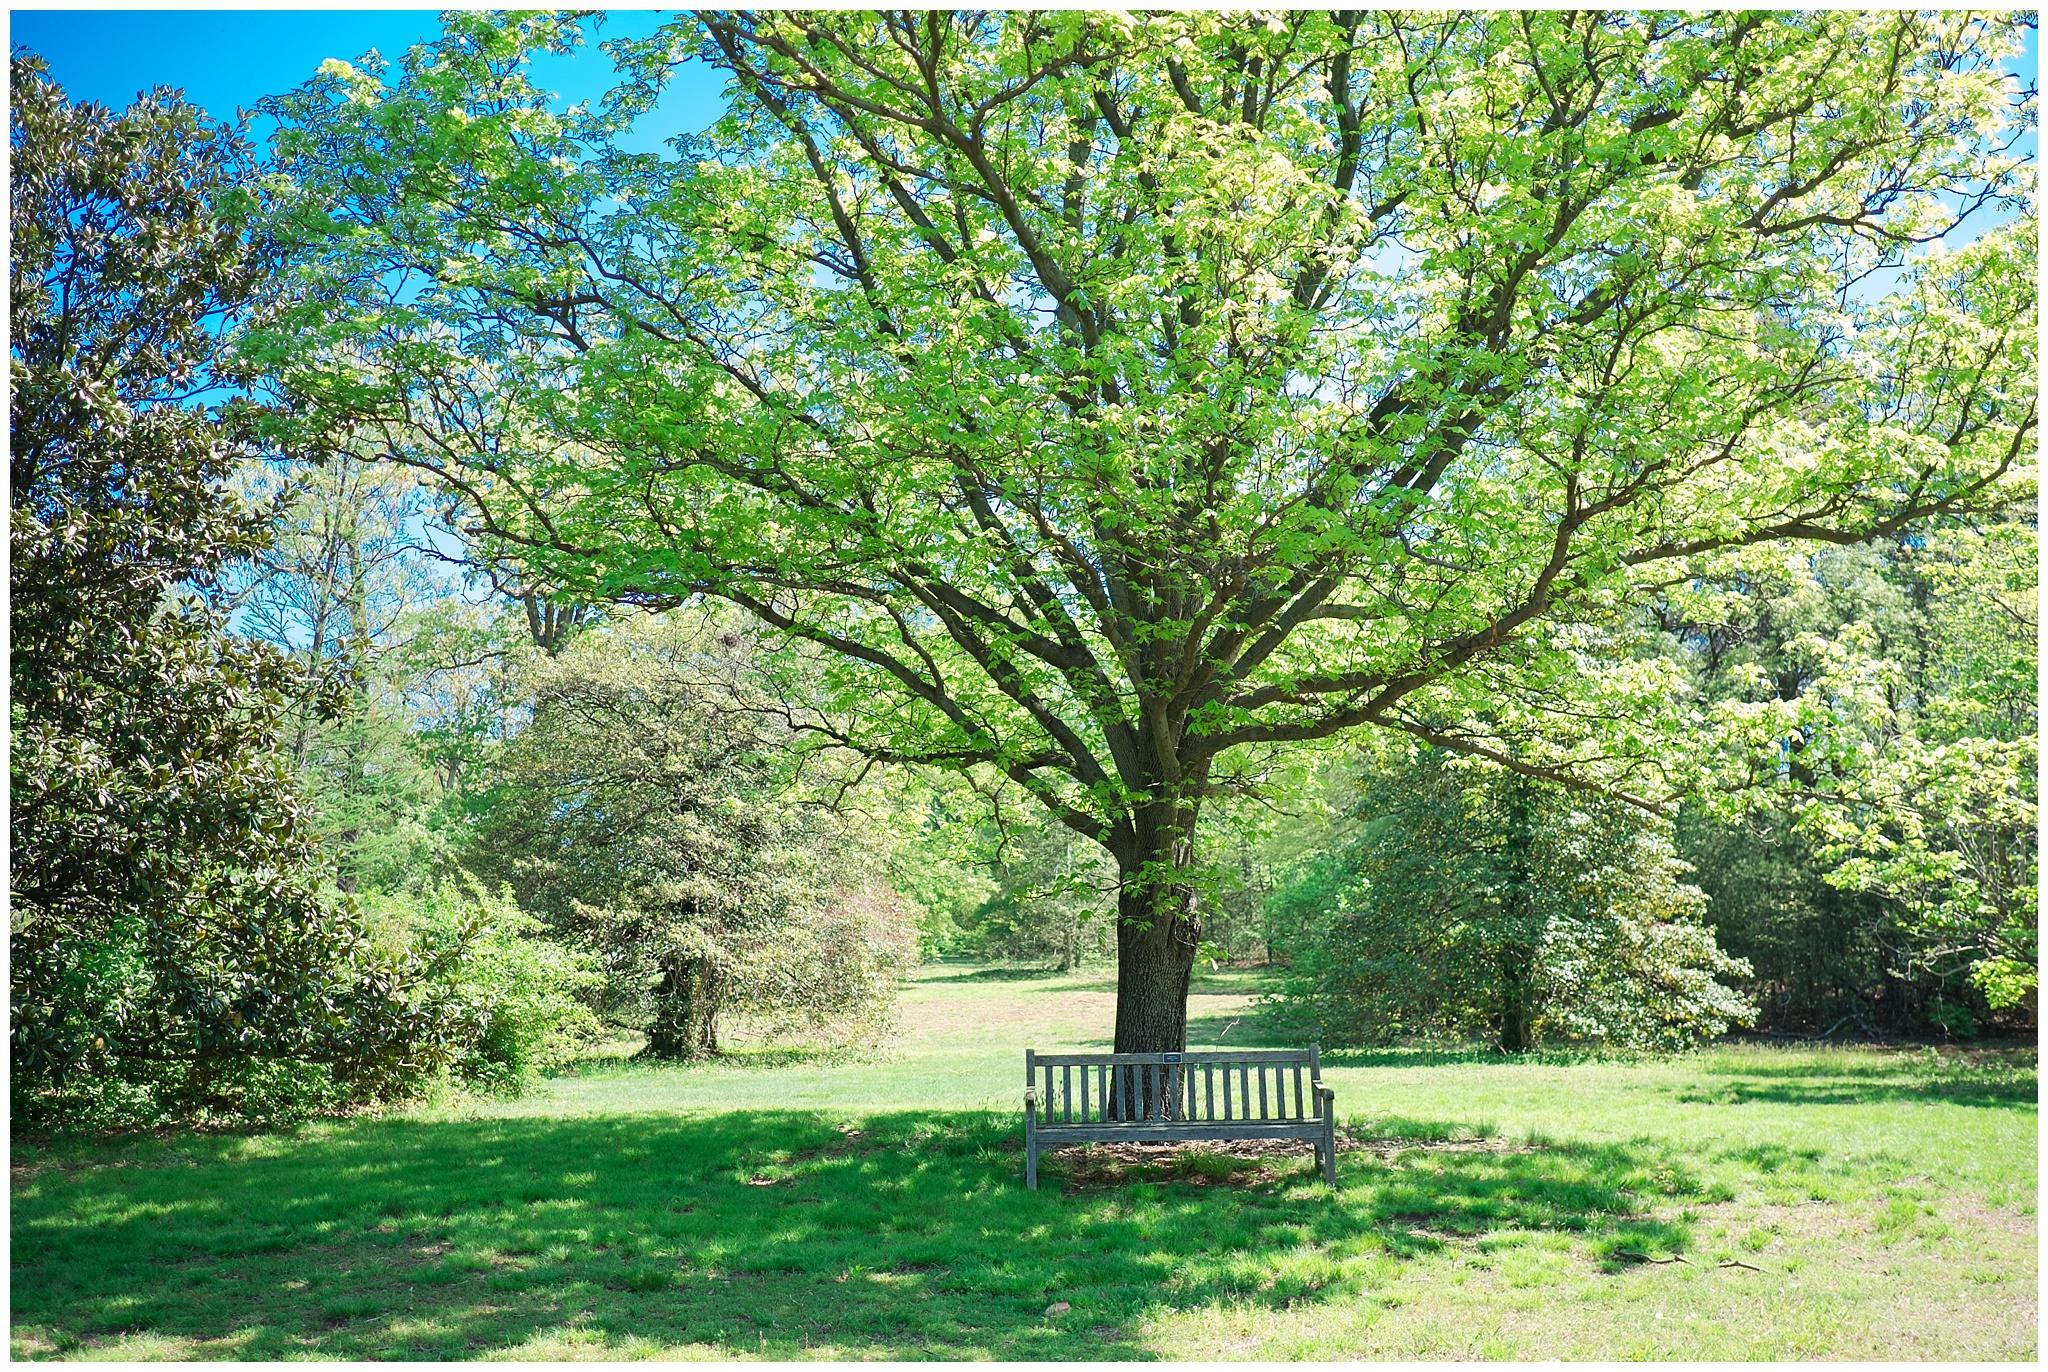 Arboretum_0007.jpg